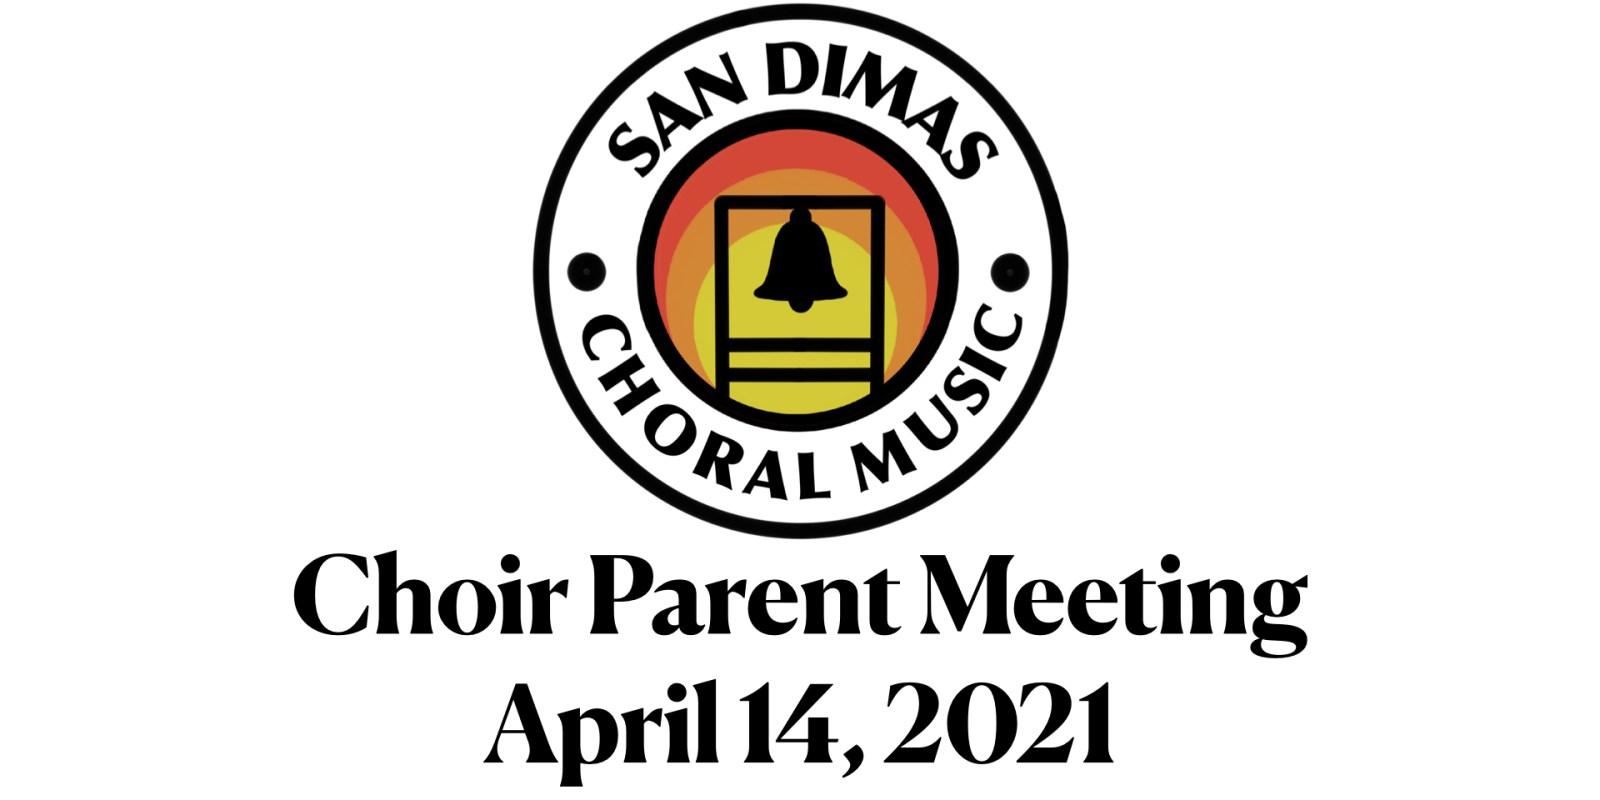 Parent Meeting April 14th, 2021